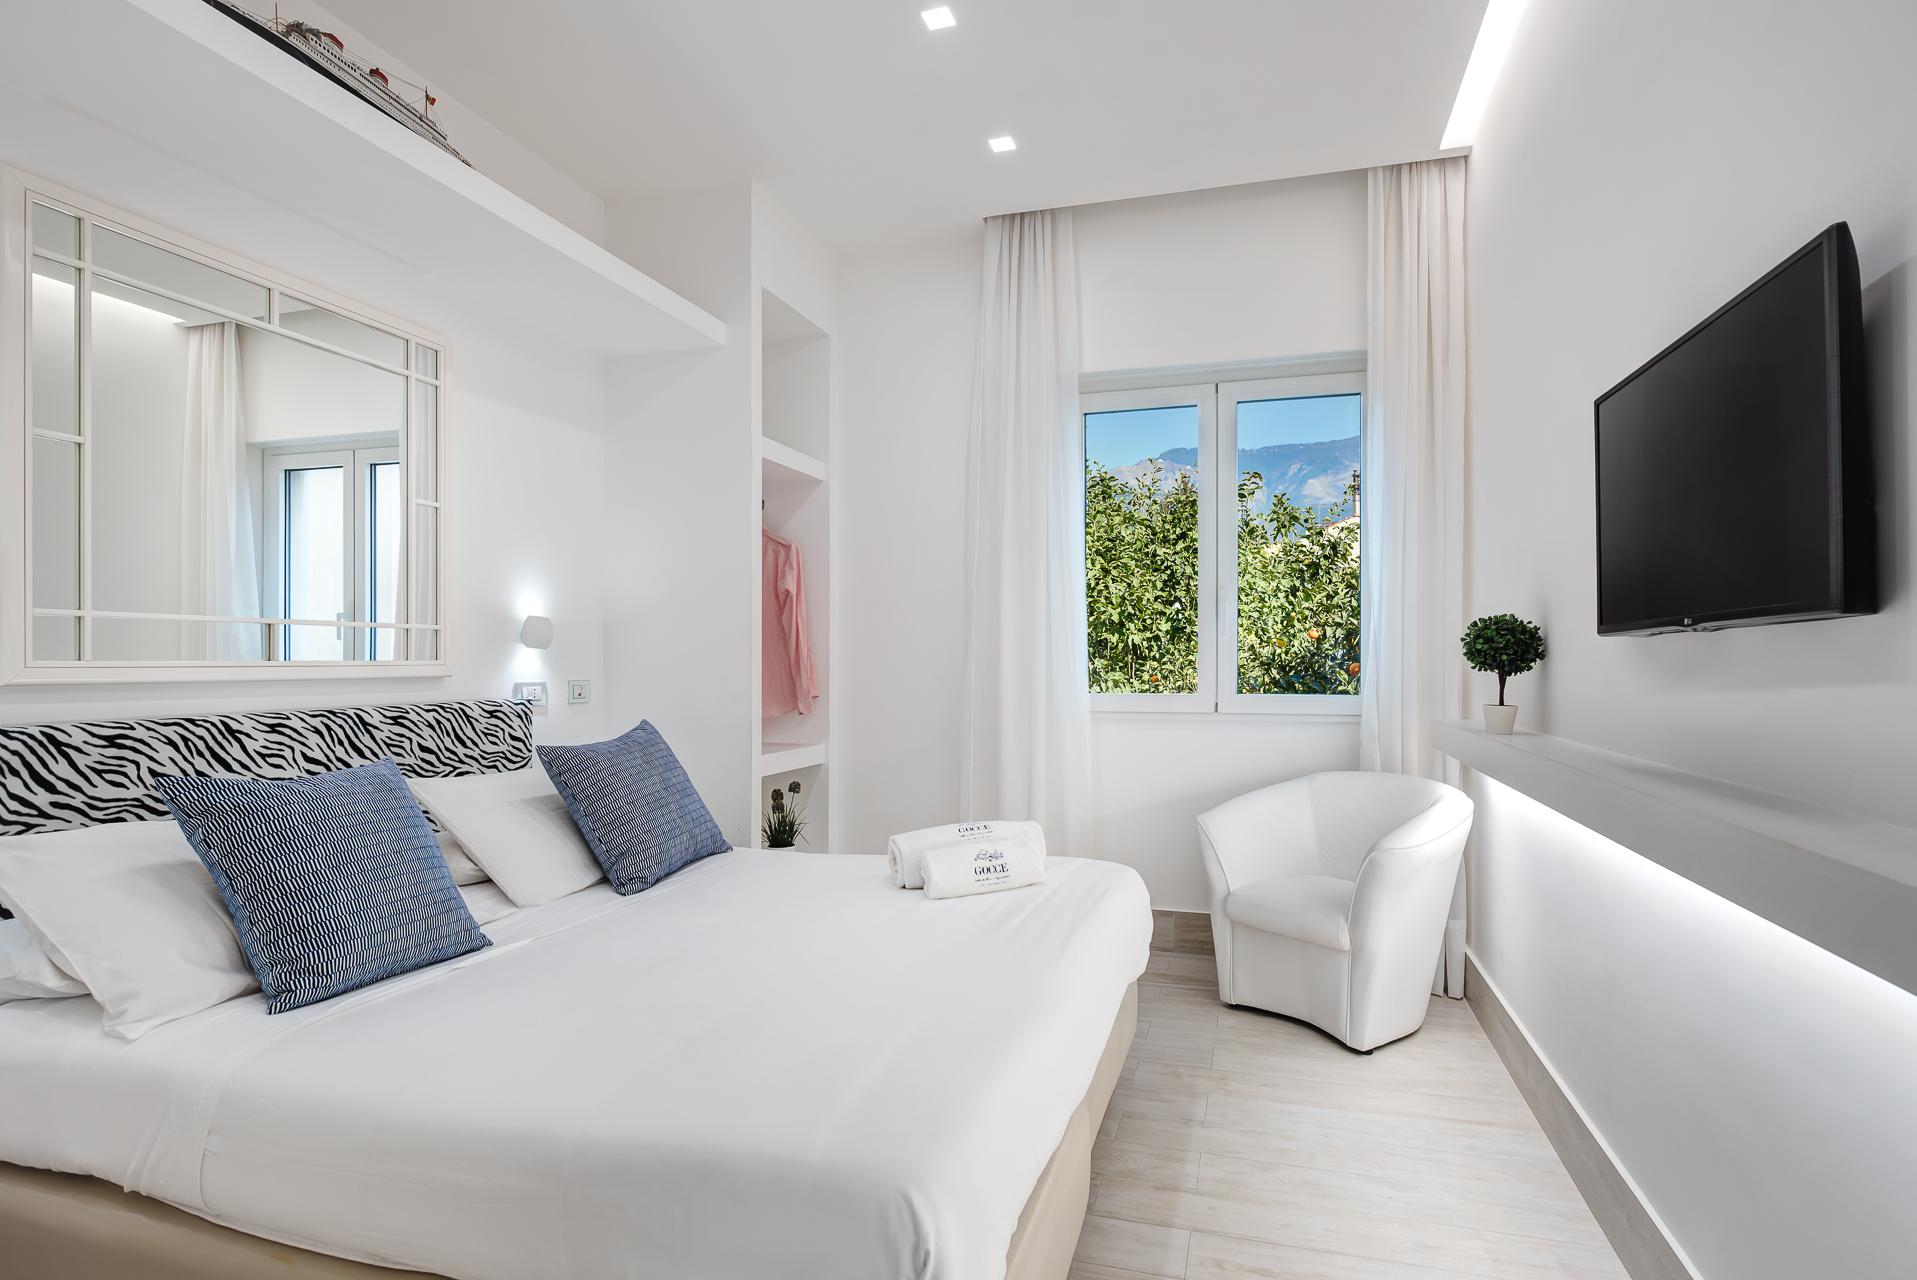 El Royale Suites Sorrento - Blanco photo 15871369